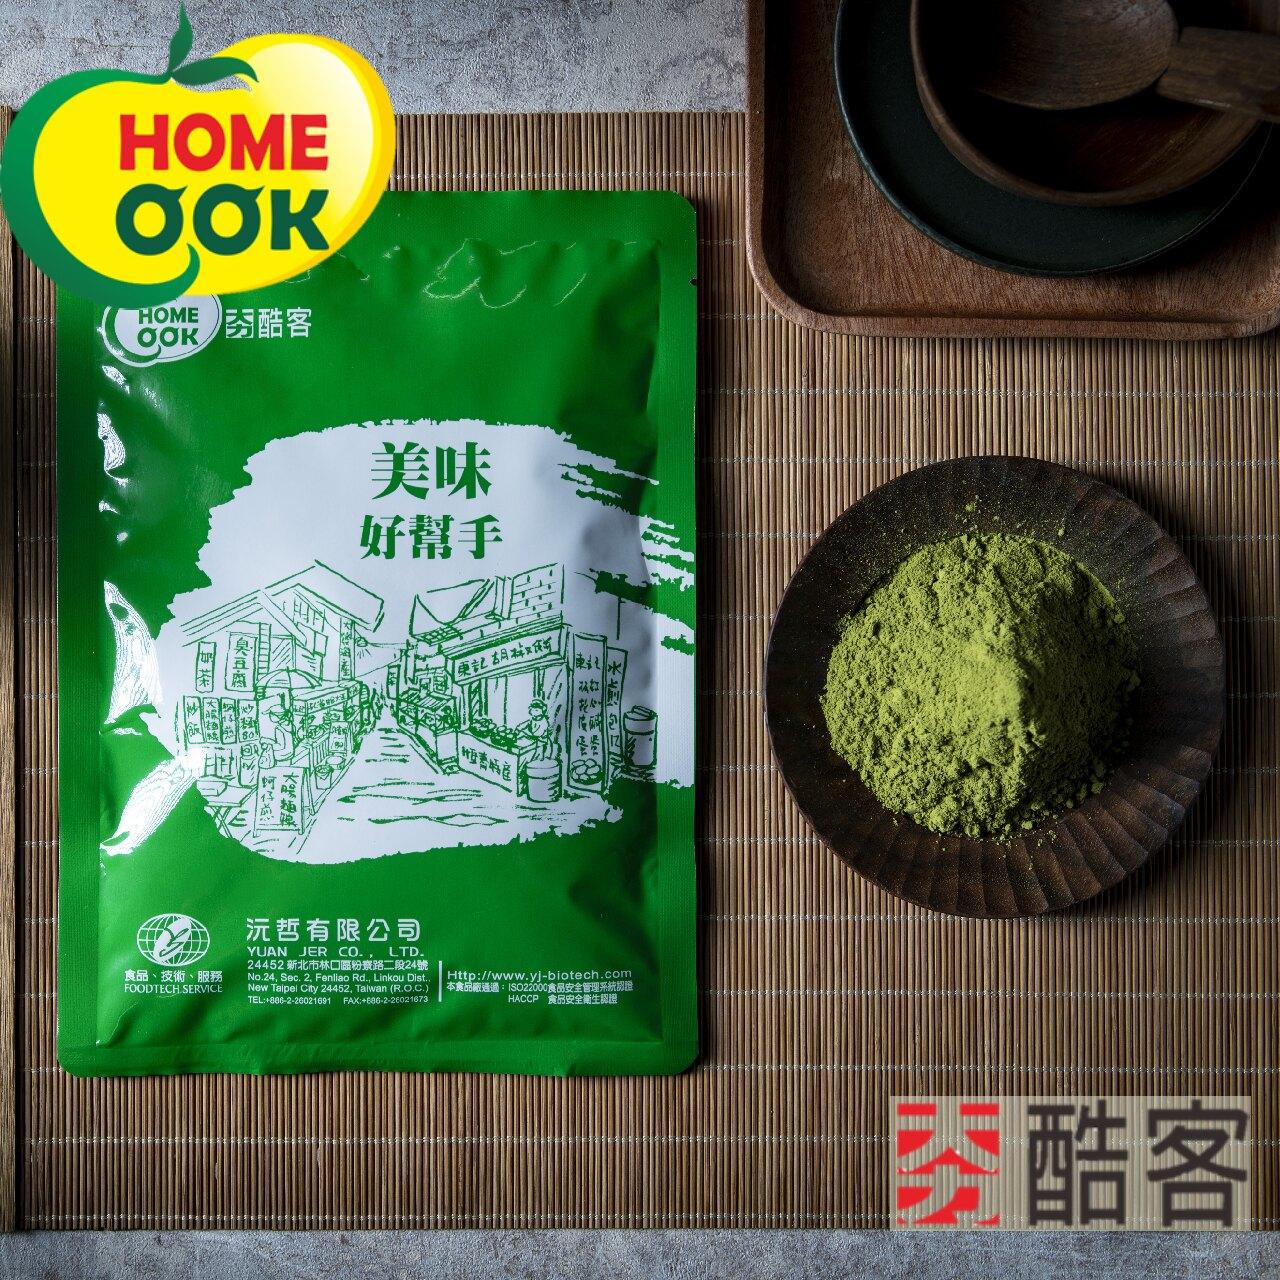 【夯酷客】日本抹茶粉-100g/包-299元 抹茶 無糖 日本進口 ★任選3件送1罐胡椒鹽